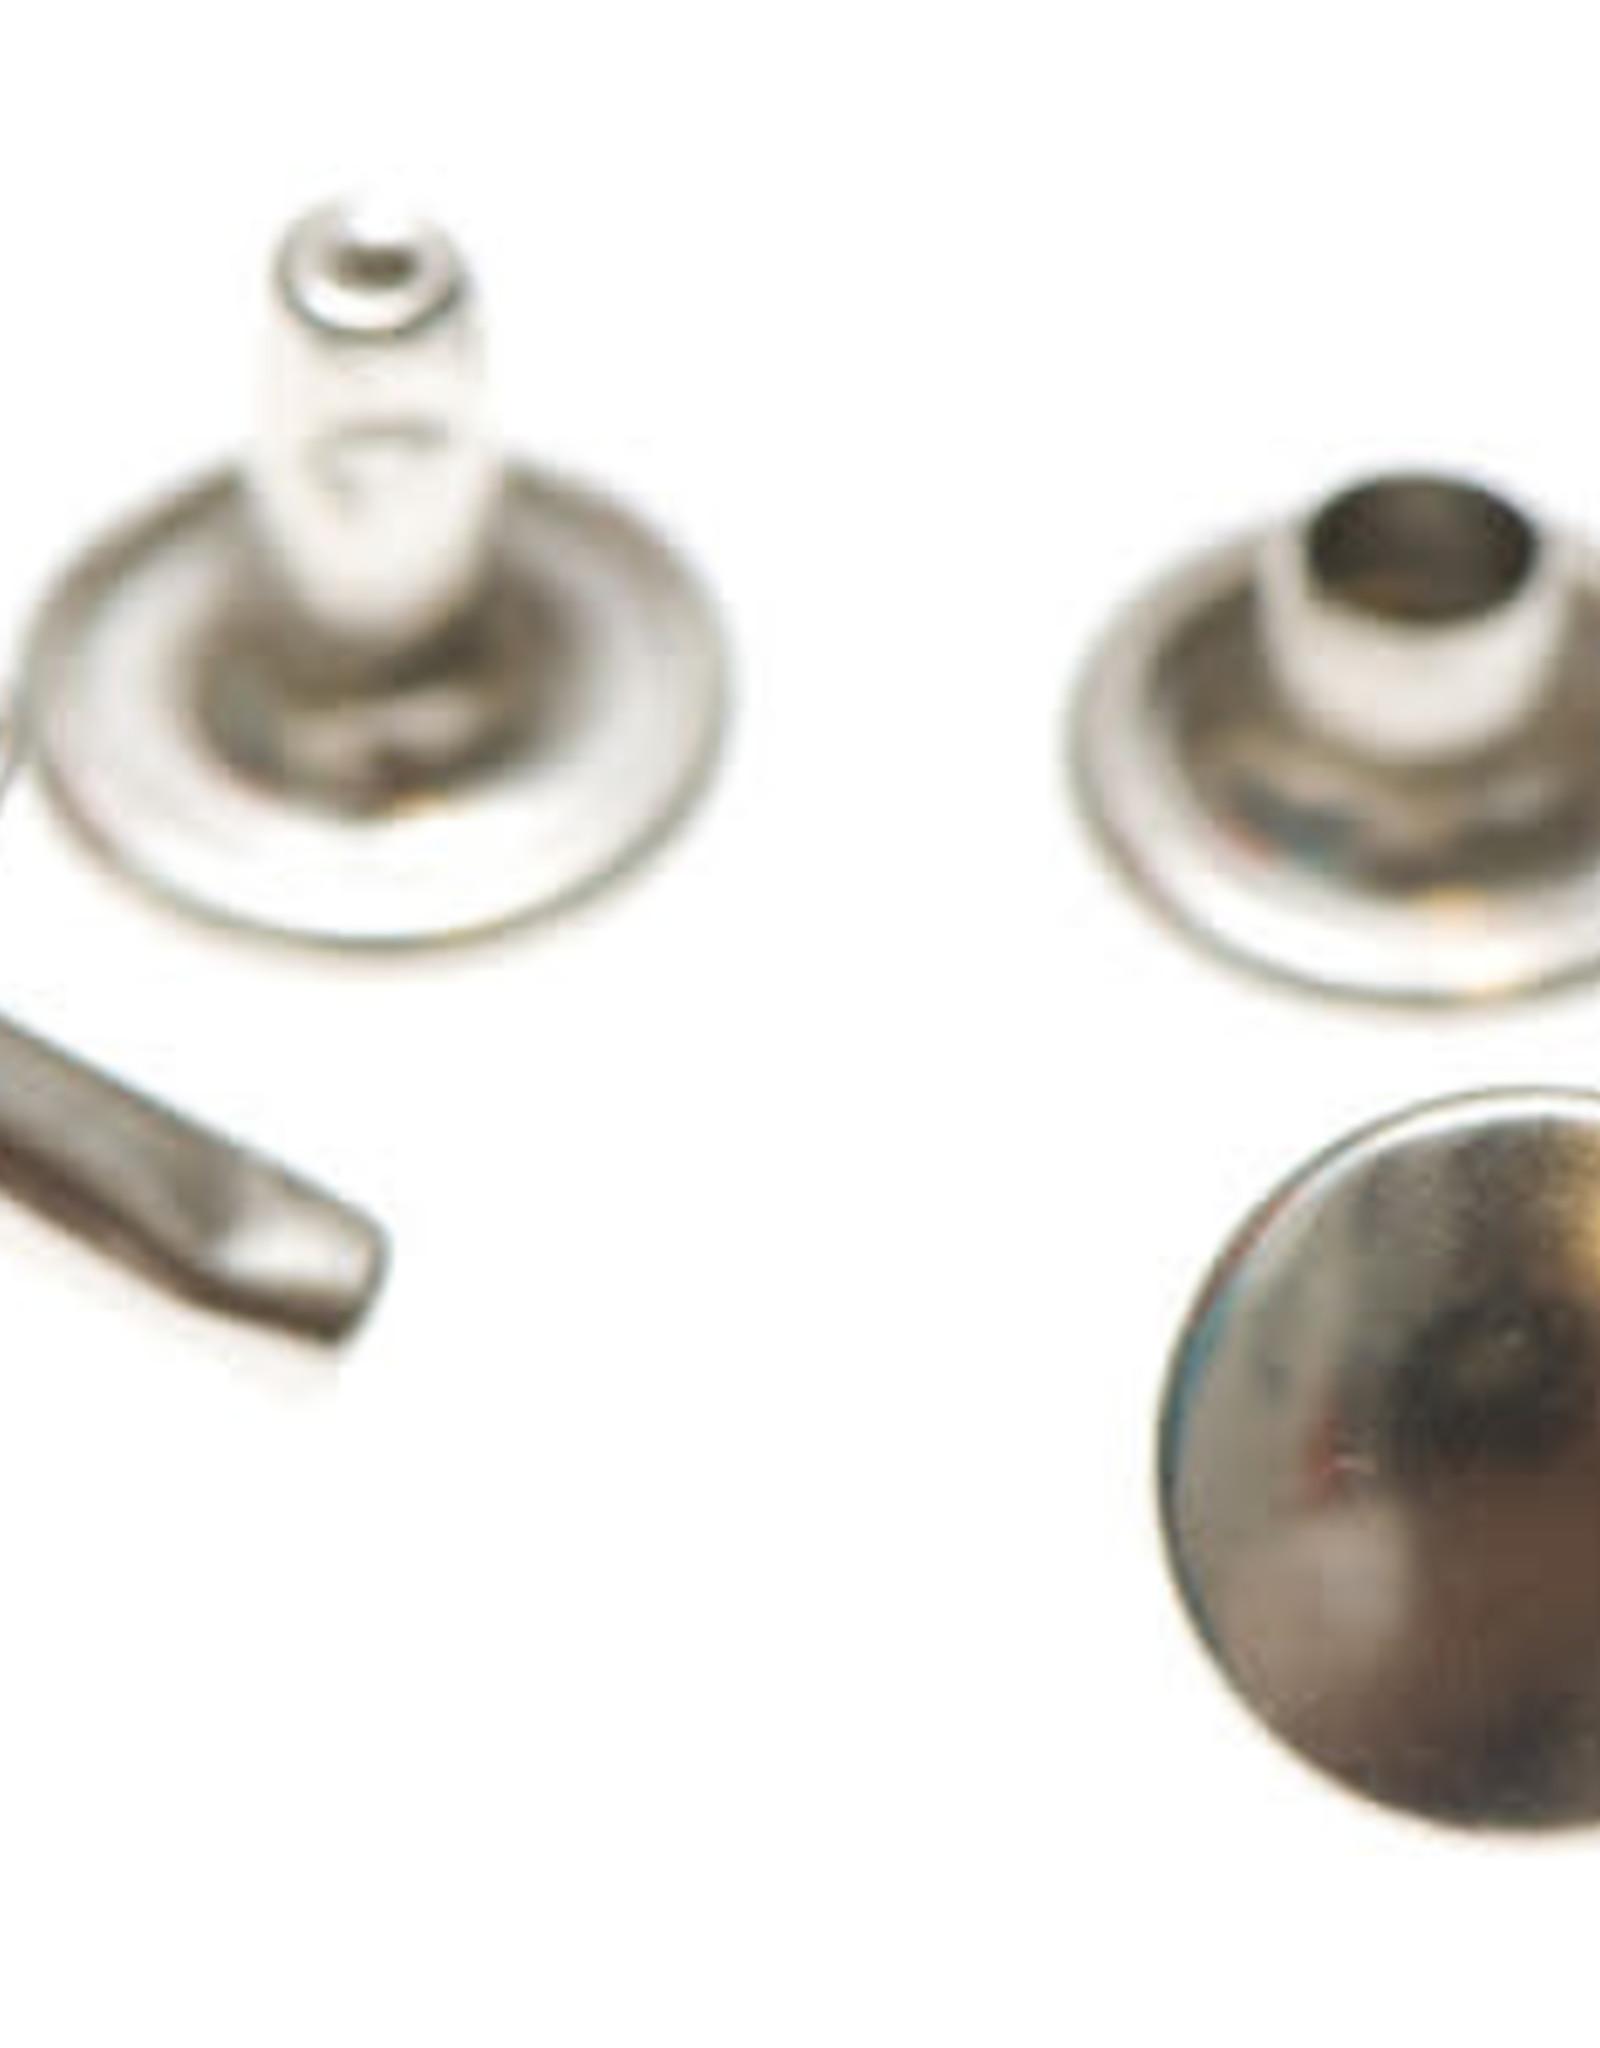 Holnieten 9mm - Nikkelkleurig - 10 stuks - DUBBELE KOP